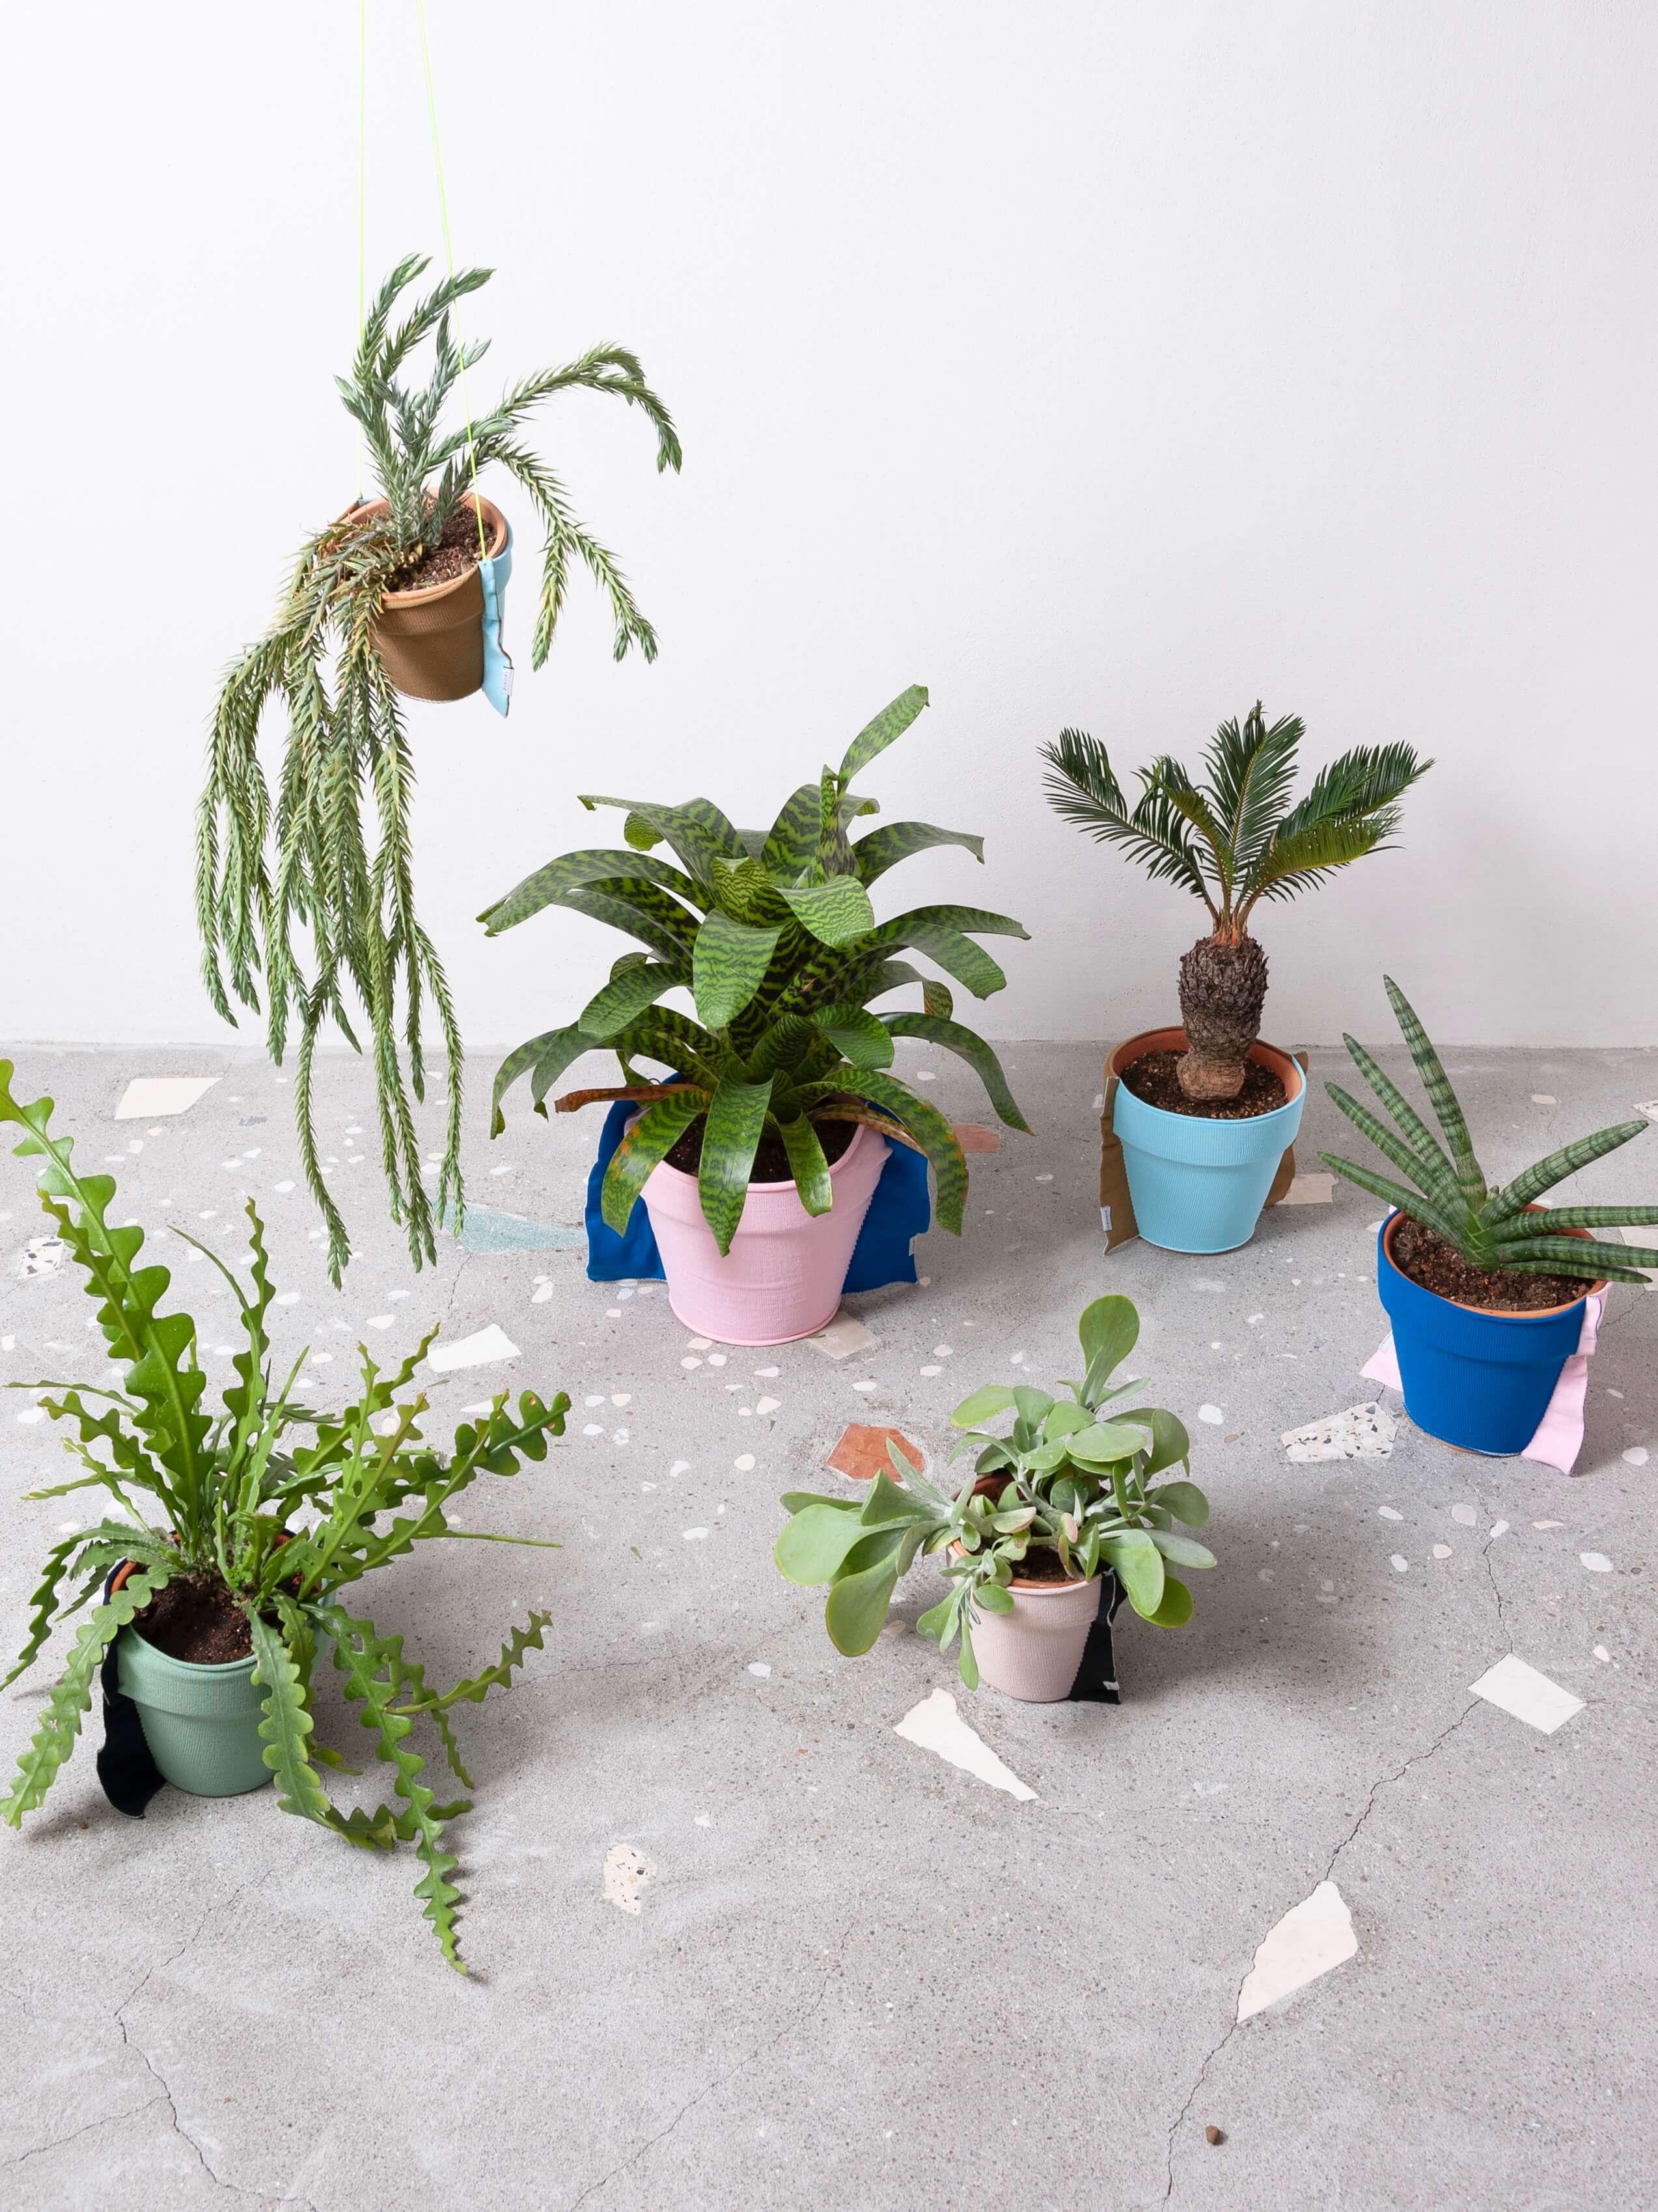 【TRICOTÉ】 HANGING PLANT COVER